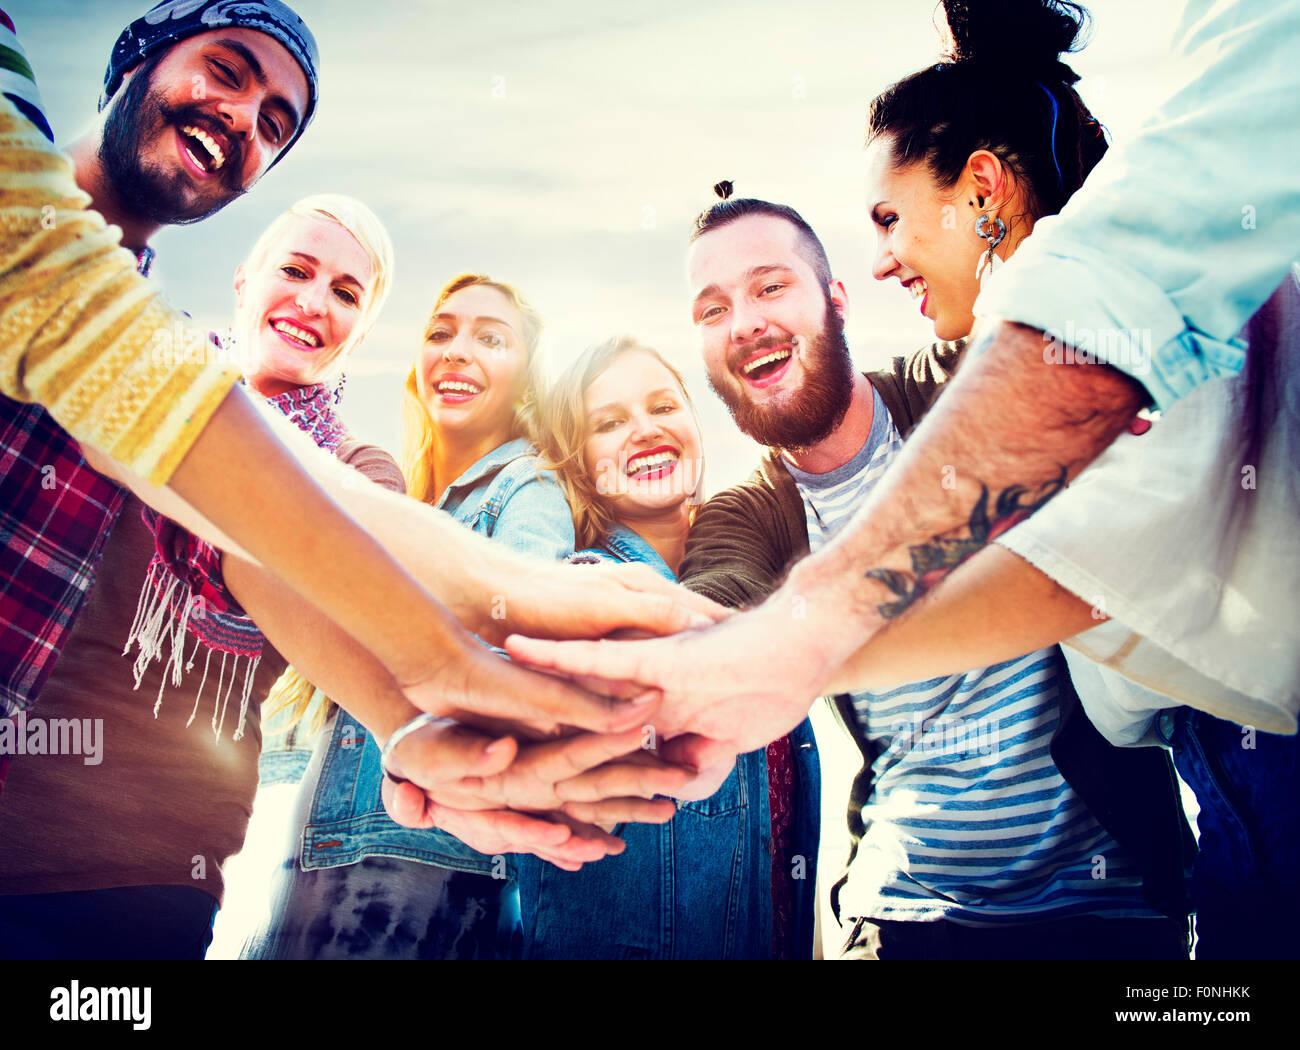 Amicizia unire le mani celebrazione estate spiaggia Concept Immagini Stock